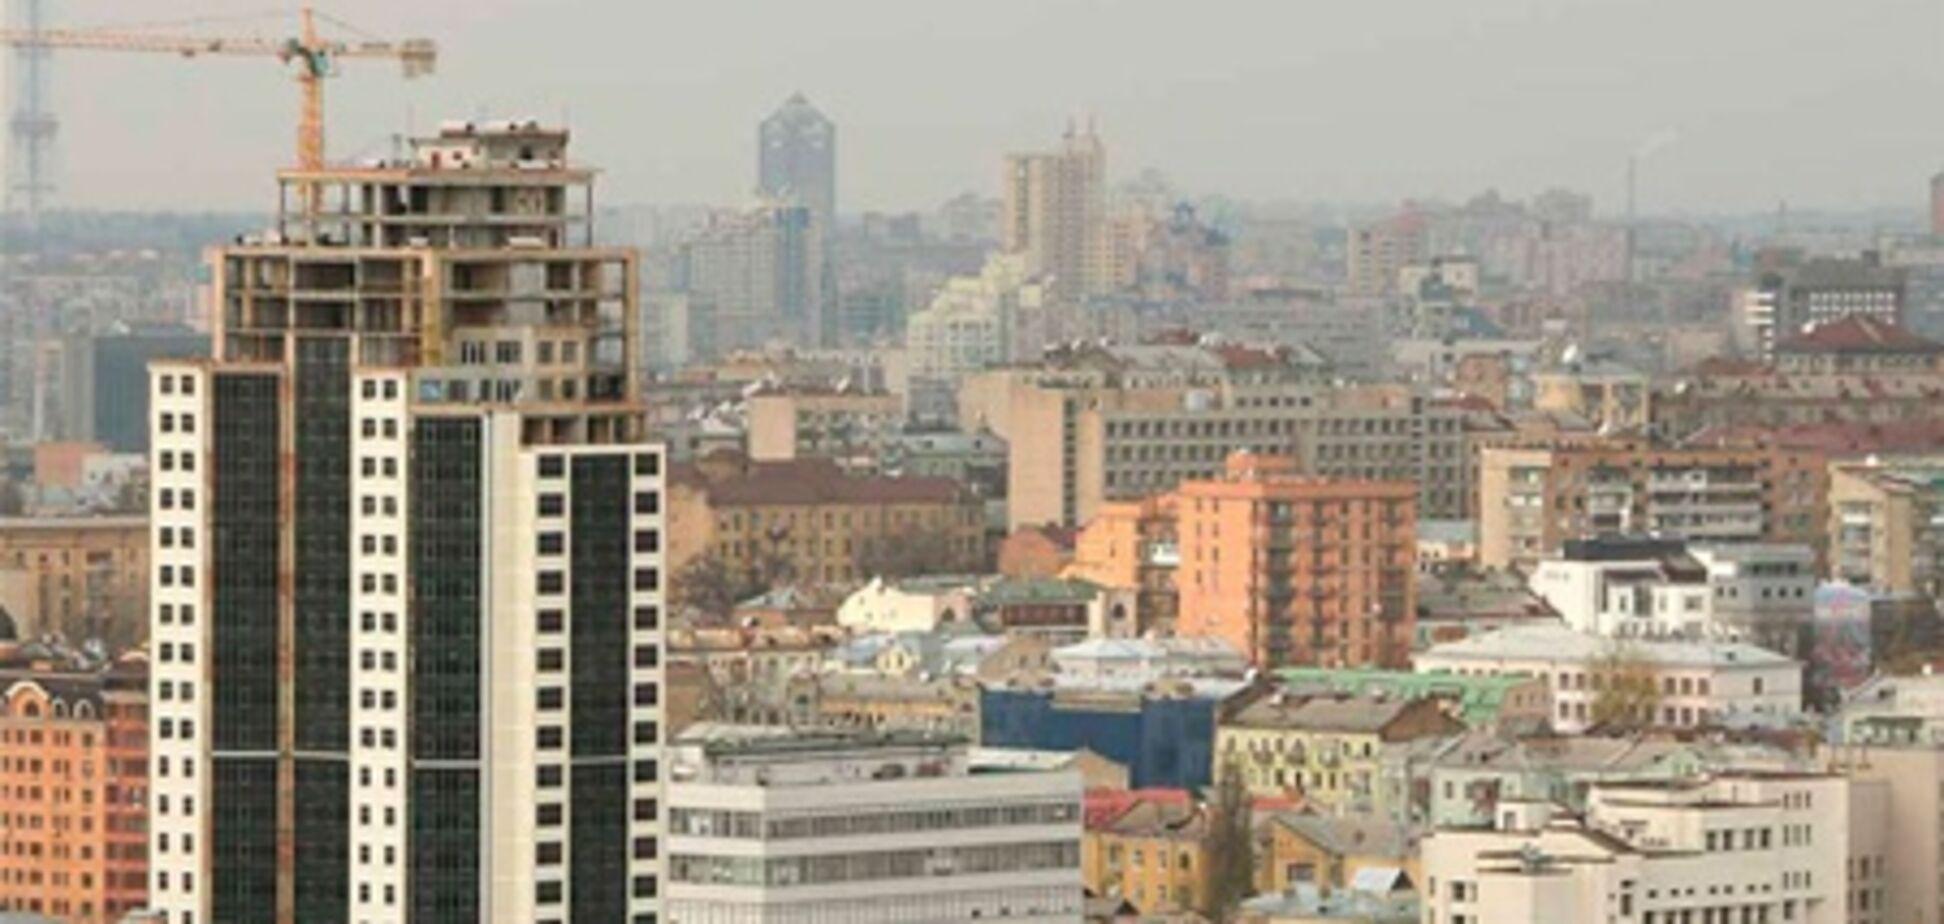 Инвесторы потеряли интерес к жилой недвижимости